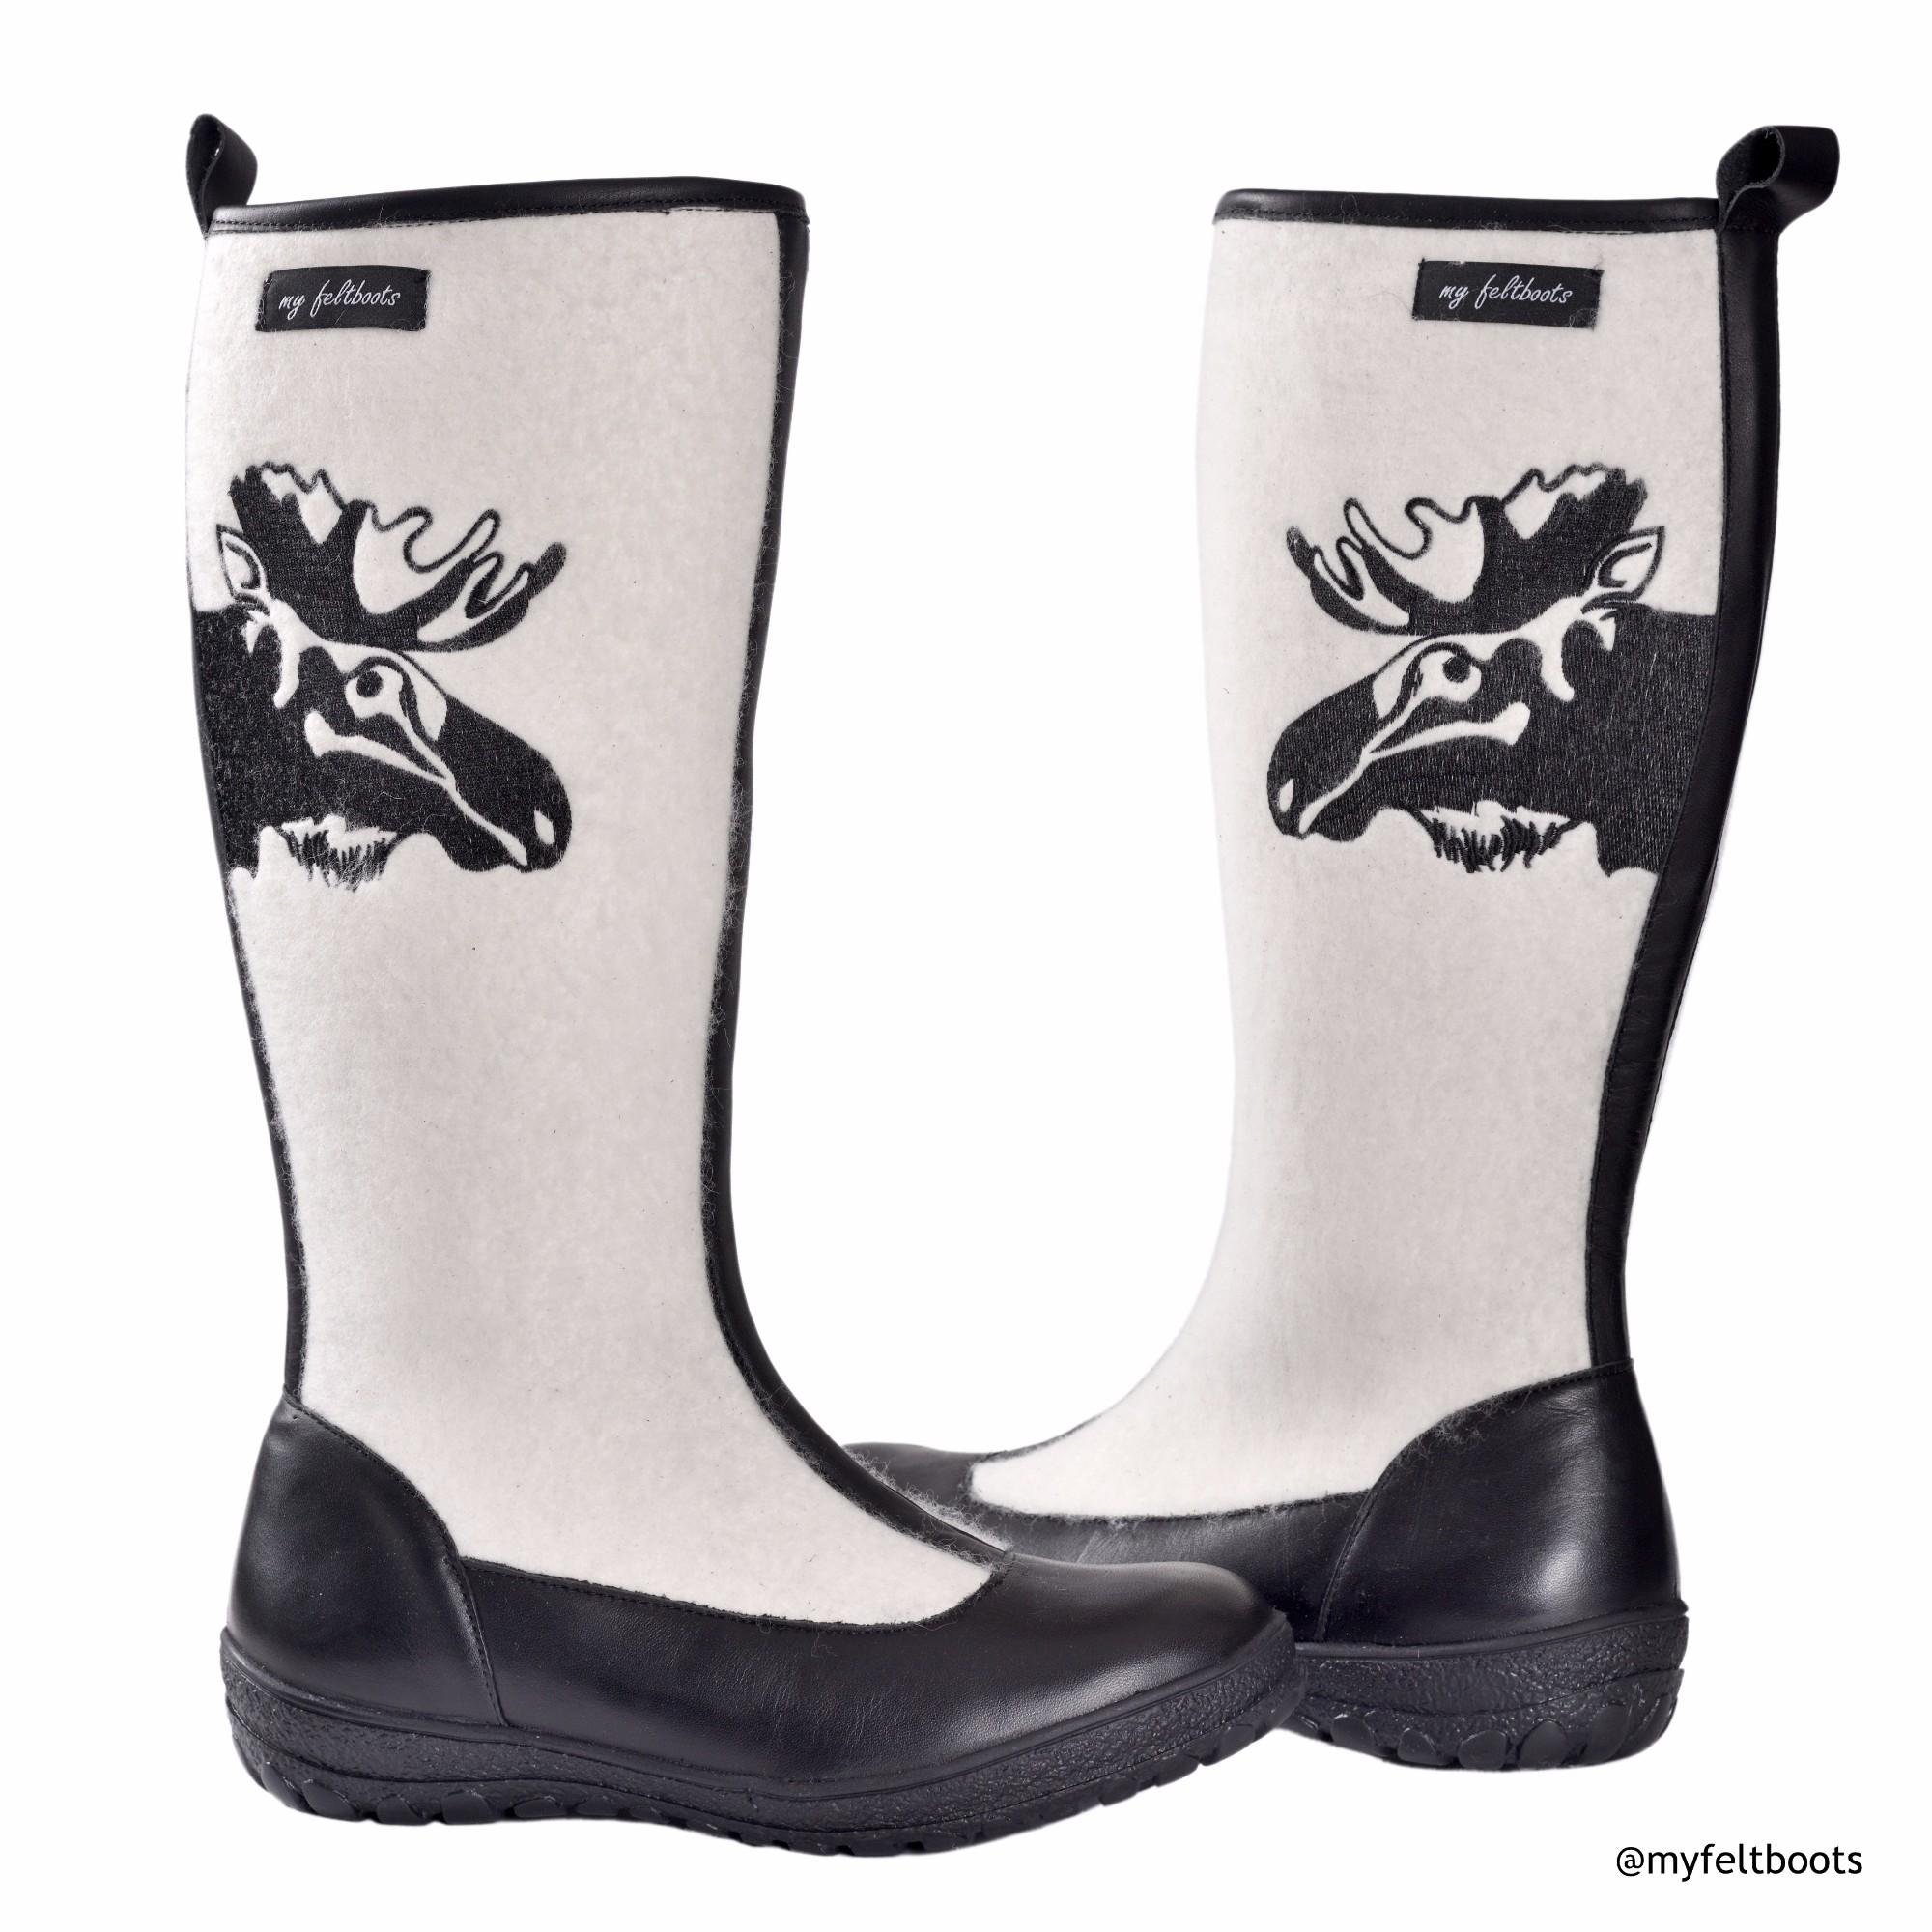 leather comforter chelsea walking s haan dumont b men grand black in boots for boot waterproof comfortable cole